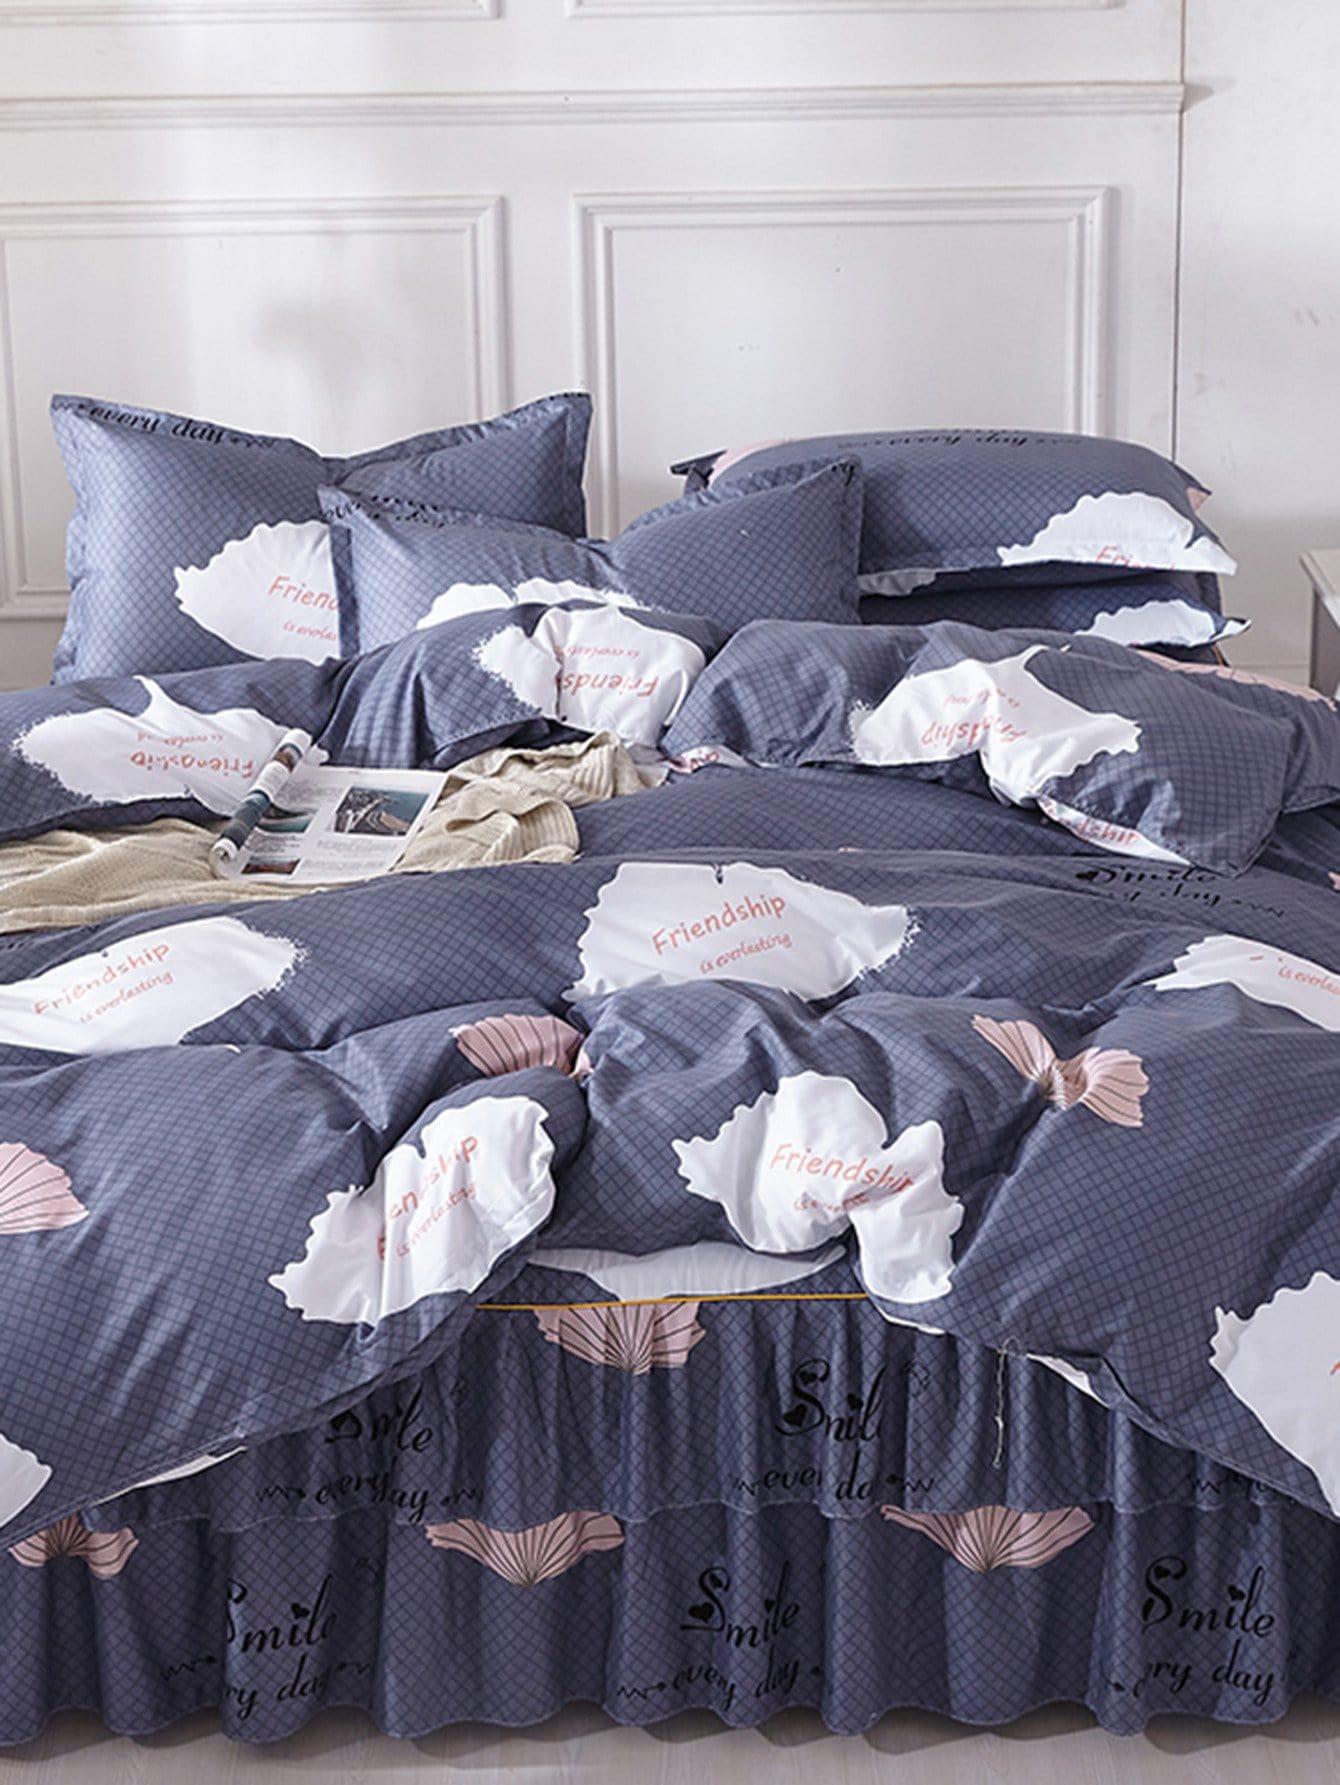 Купить Комплект постельного белья с принтом листа, null, SheIn